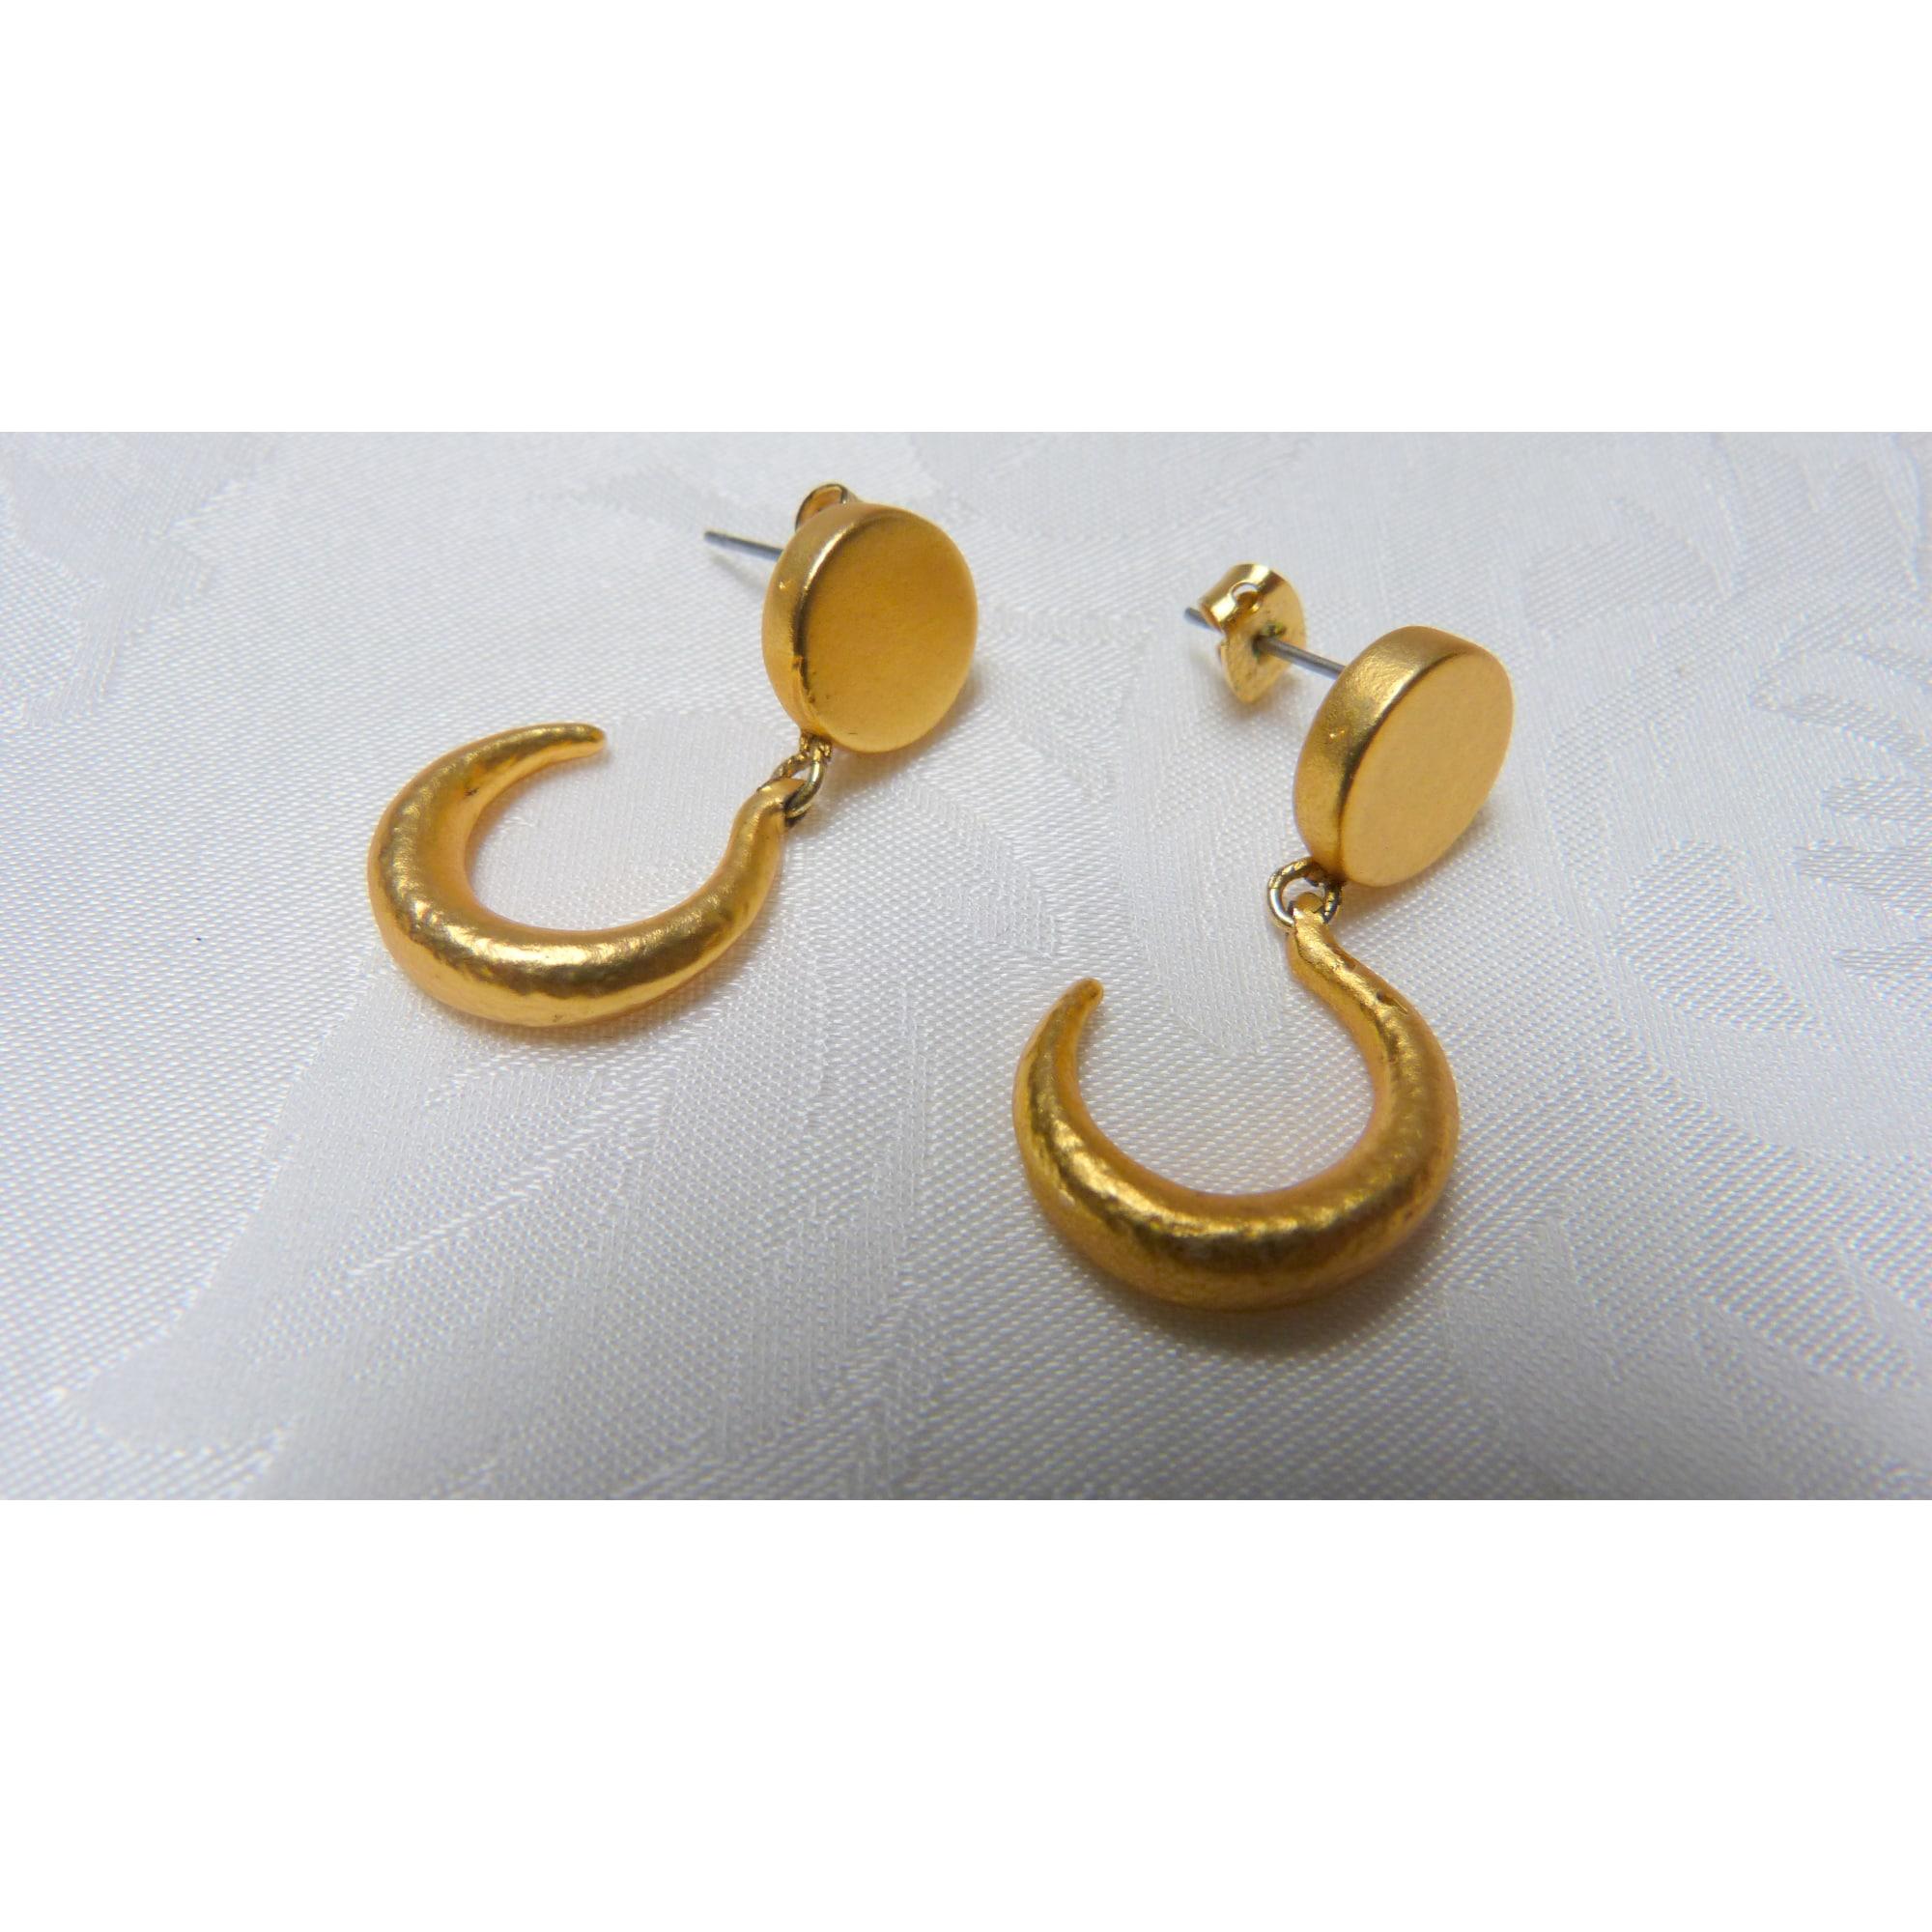 Boucles d'oreilles MARC LABAT métal doré